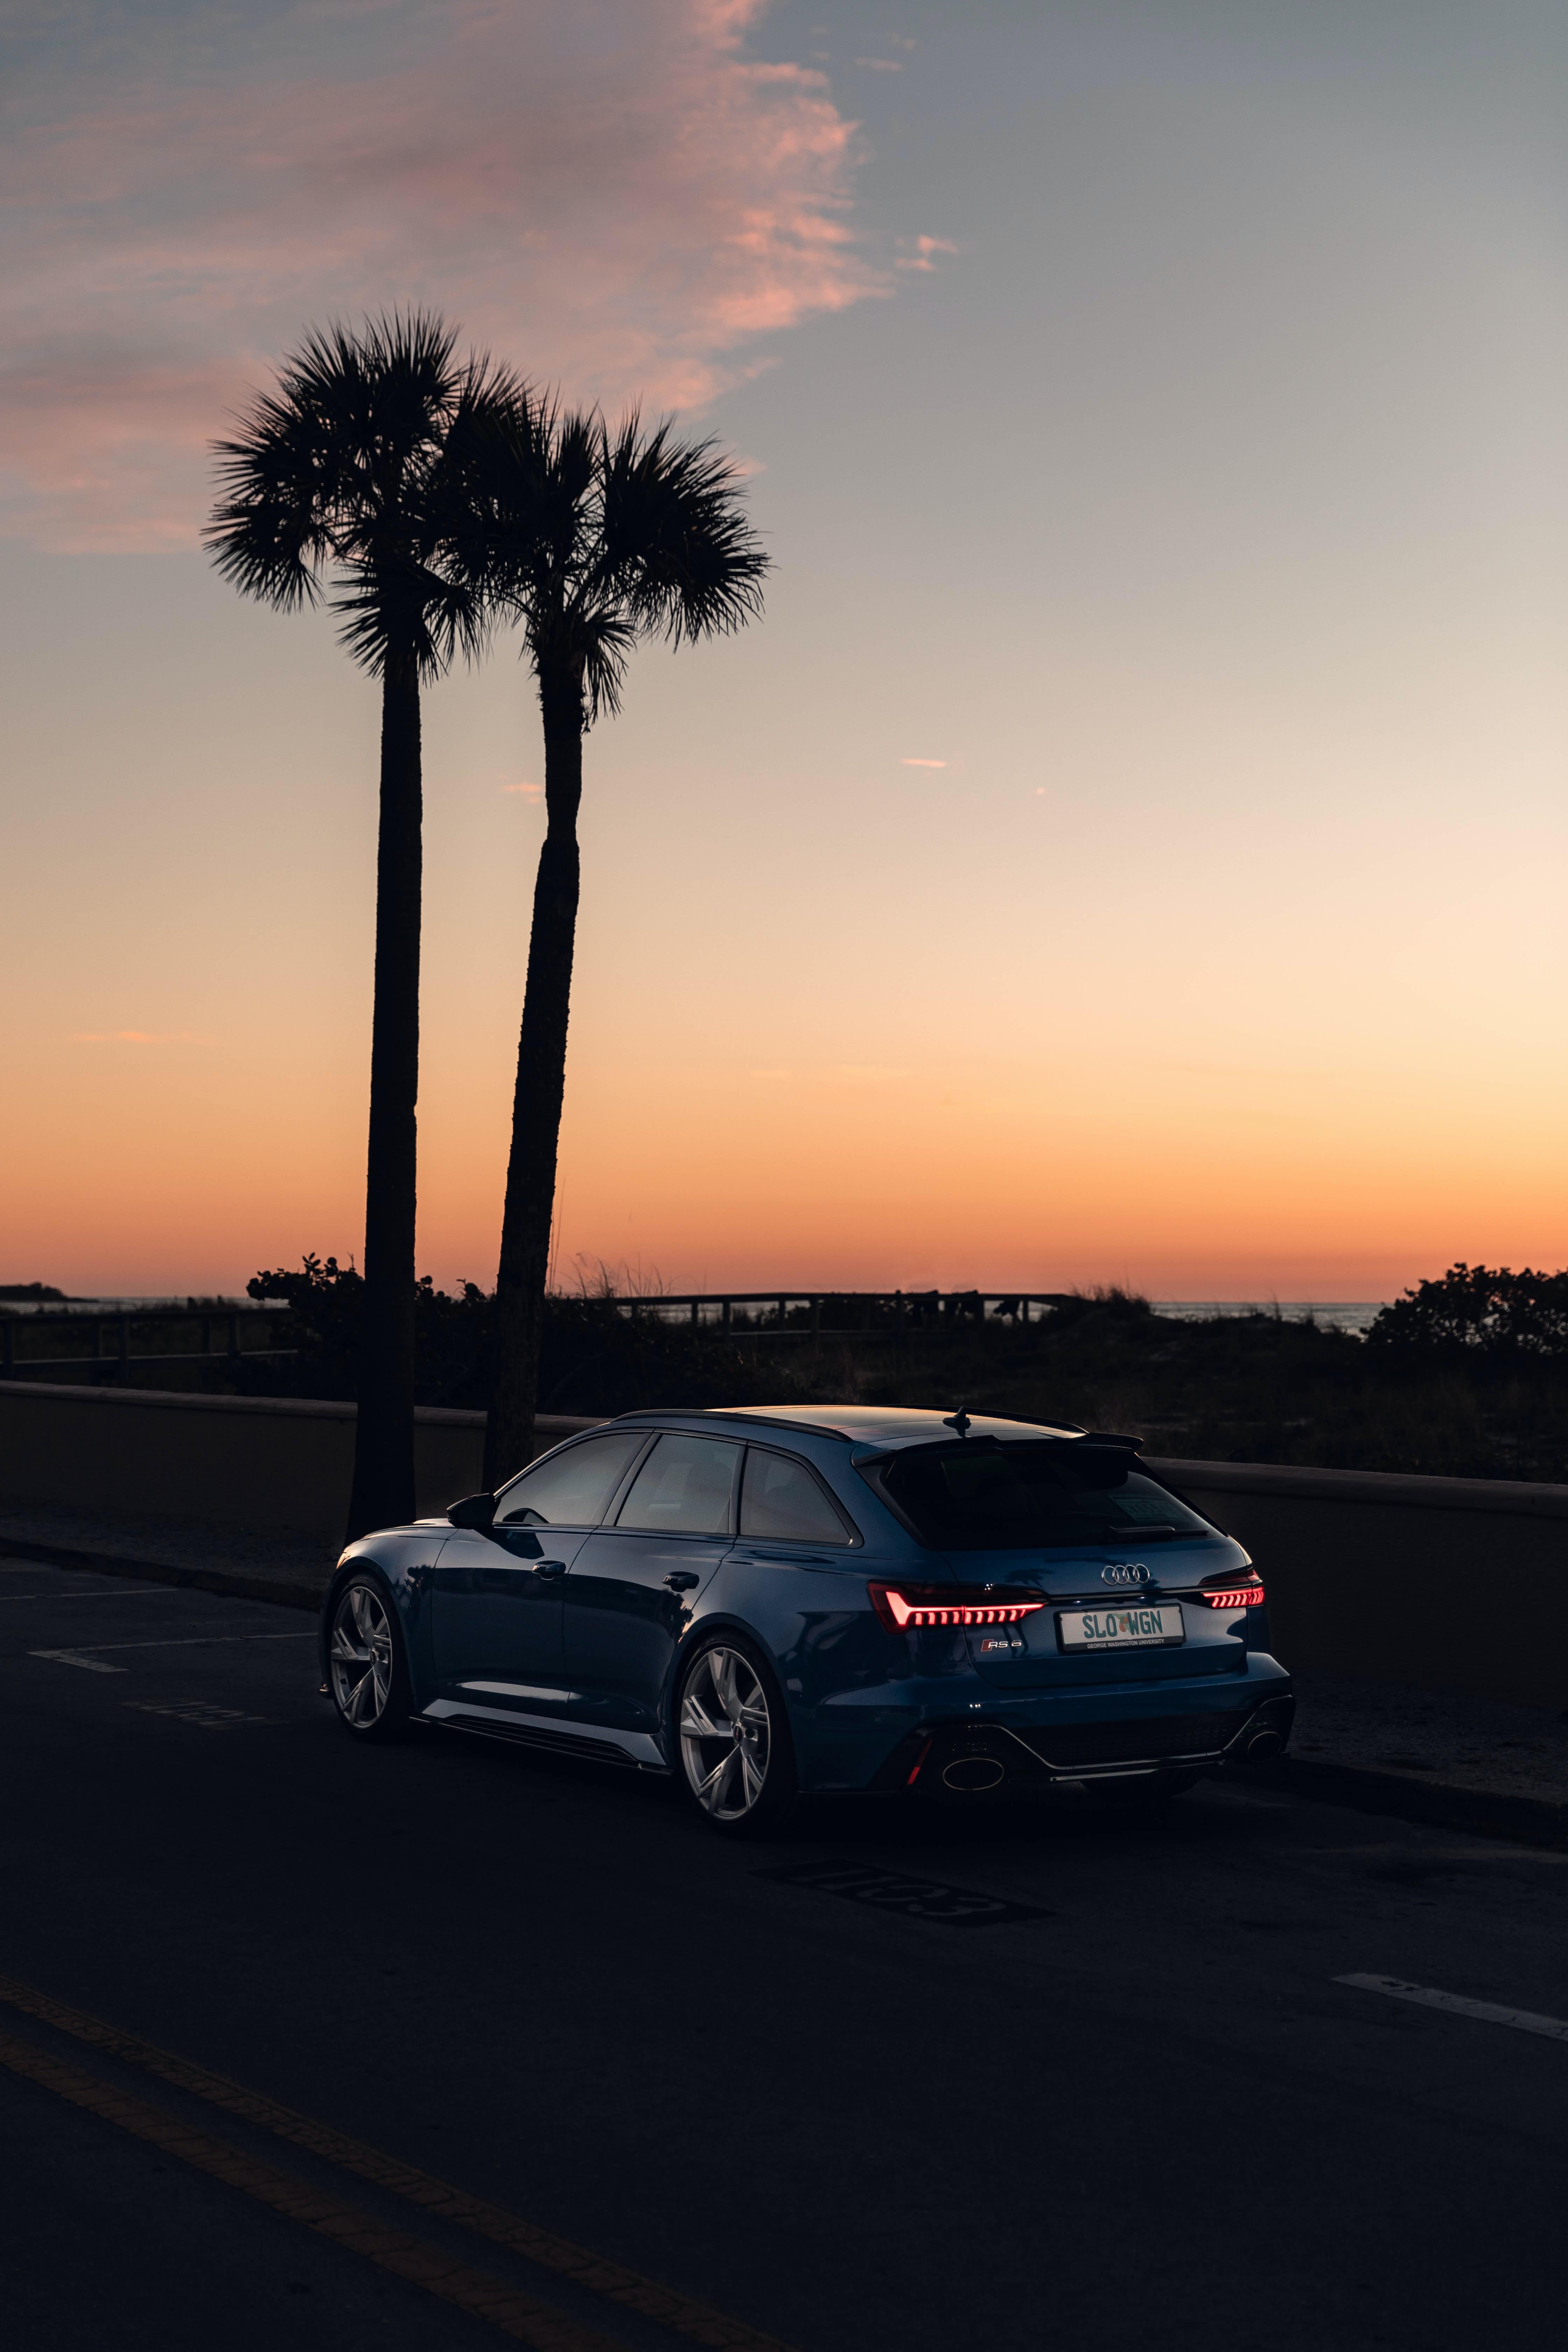 90424 скачать обои Ауди (Audi), Пальмы, Тачки (Cars), Дорога, Автомобиль, Синий, Сумерки - заставки и картинки бесплатно